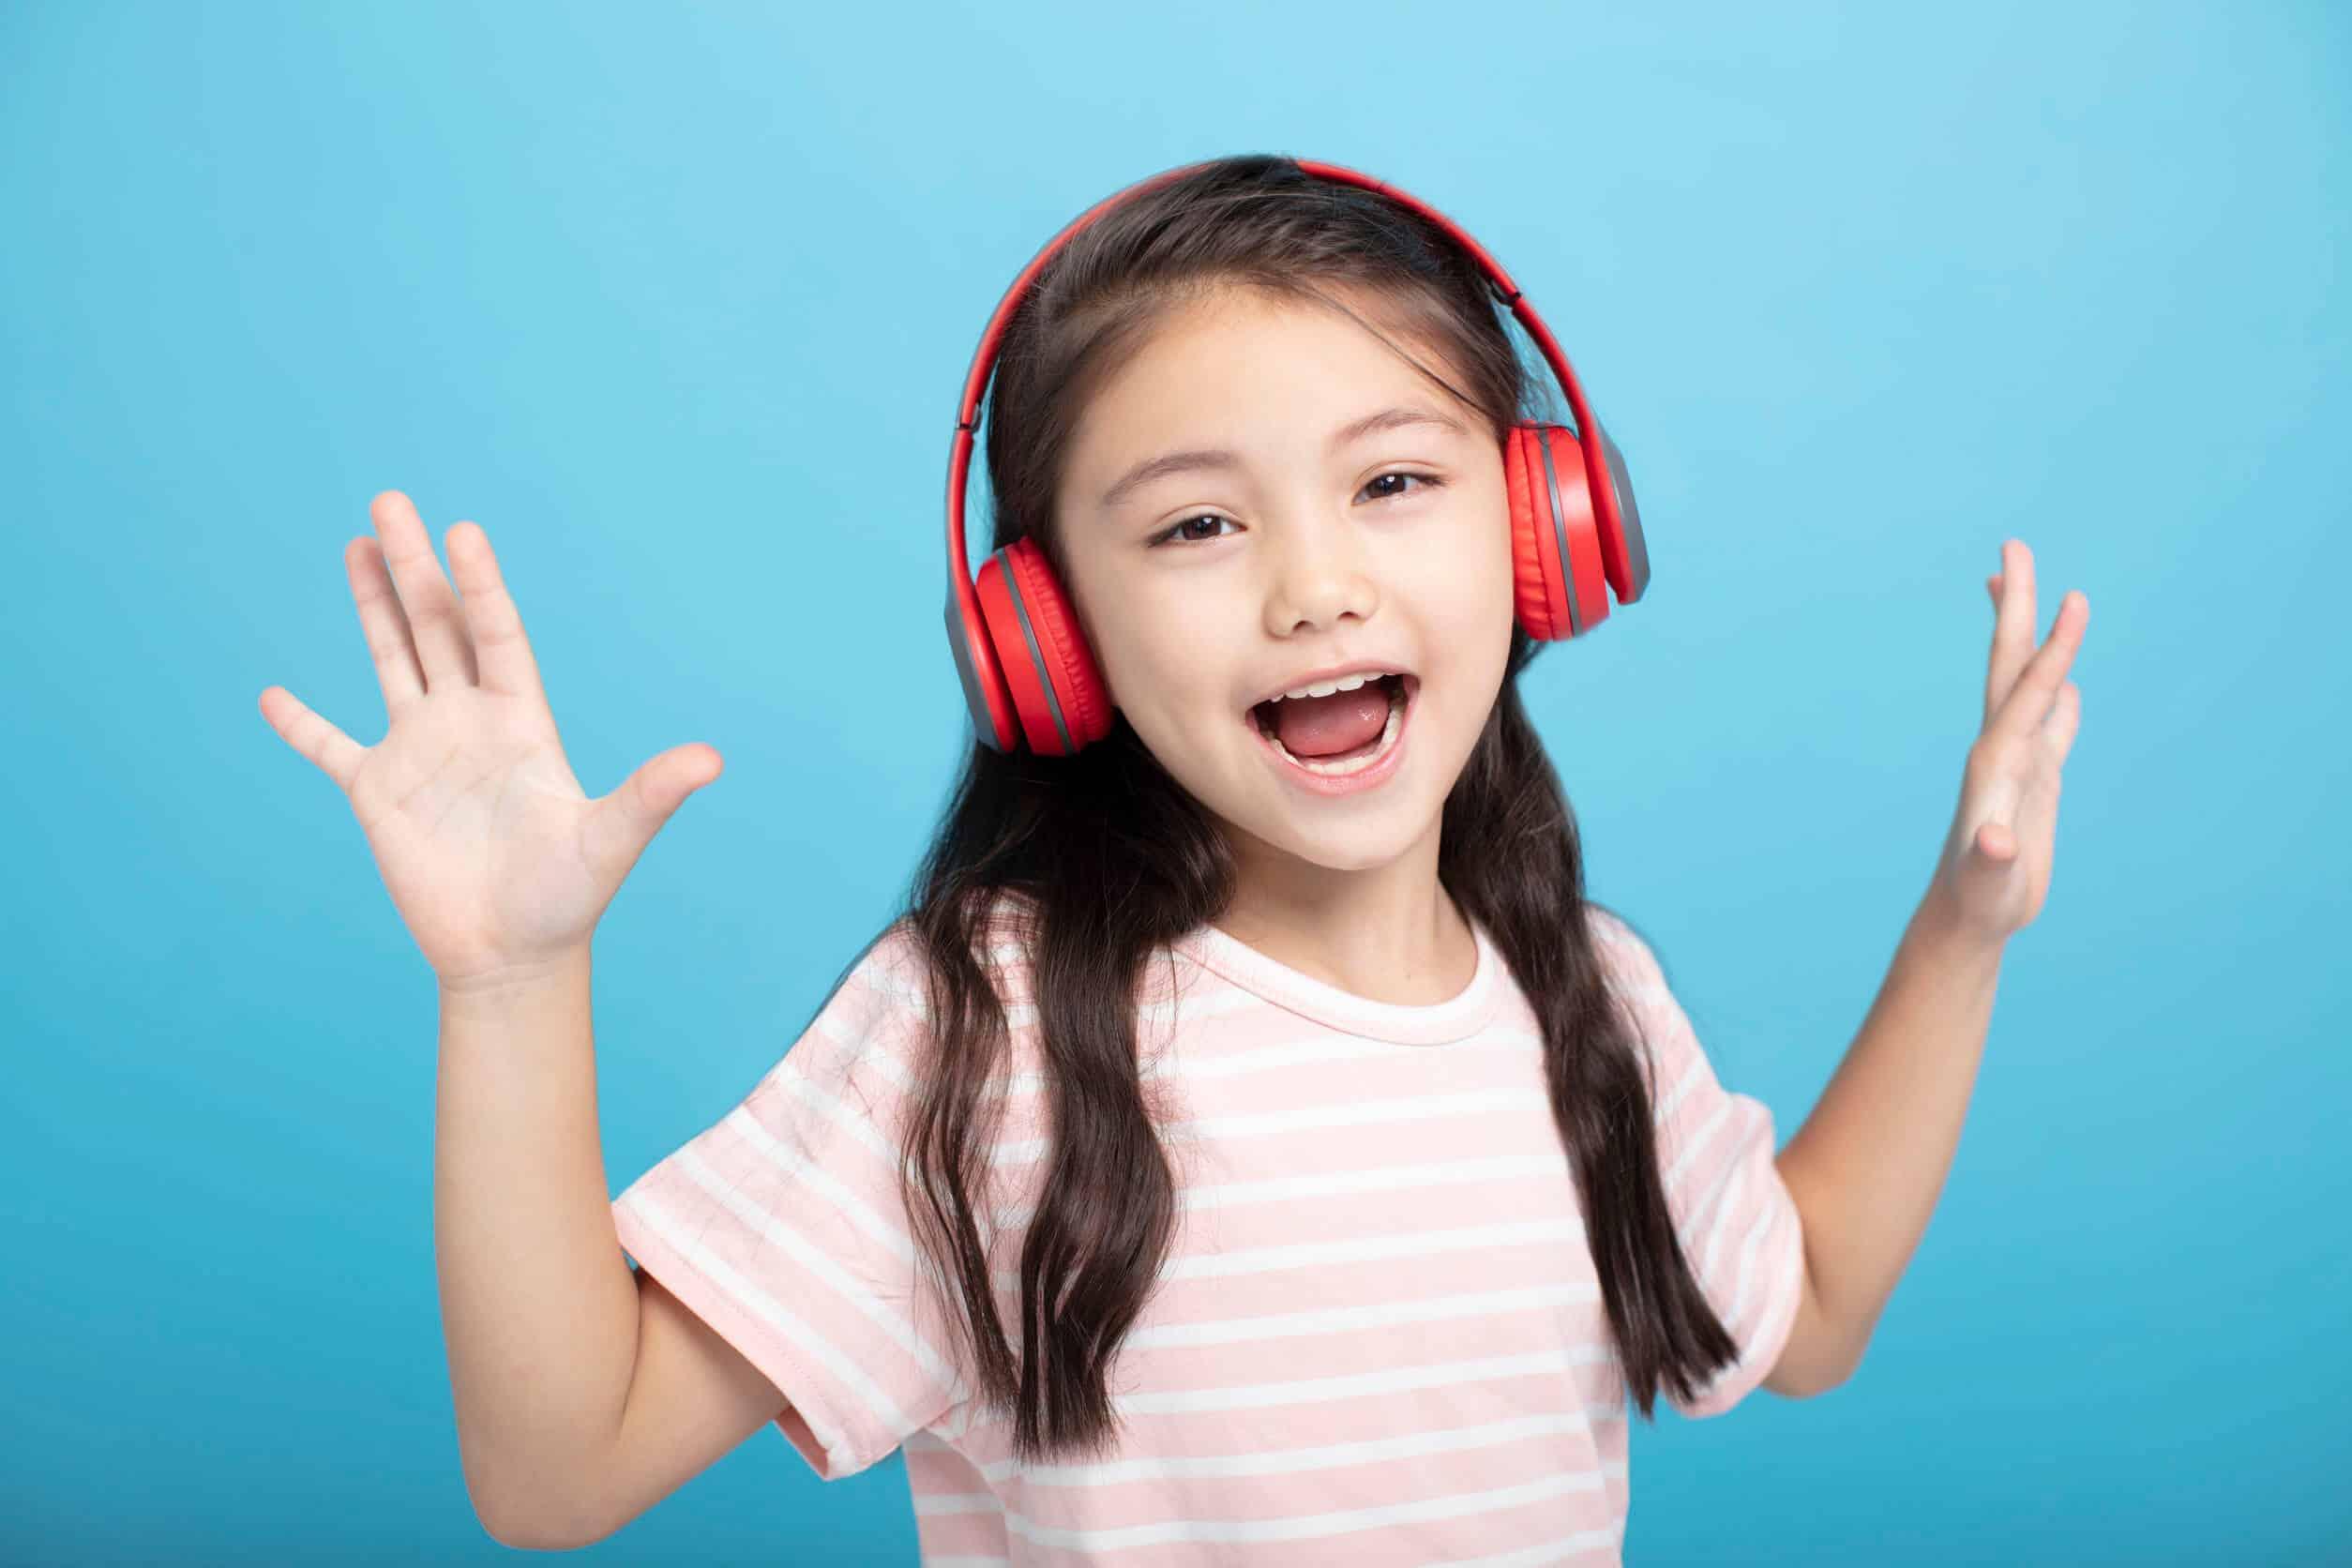 , ค้นพบความสามารถพิเศษผ่านเพลงเด็กภาษาอังกฤษและเทคนิคต่างๆ